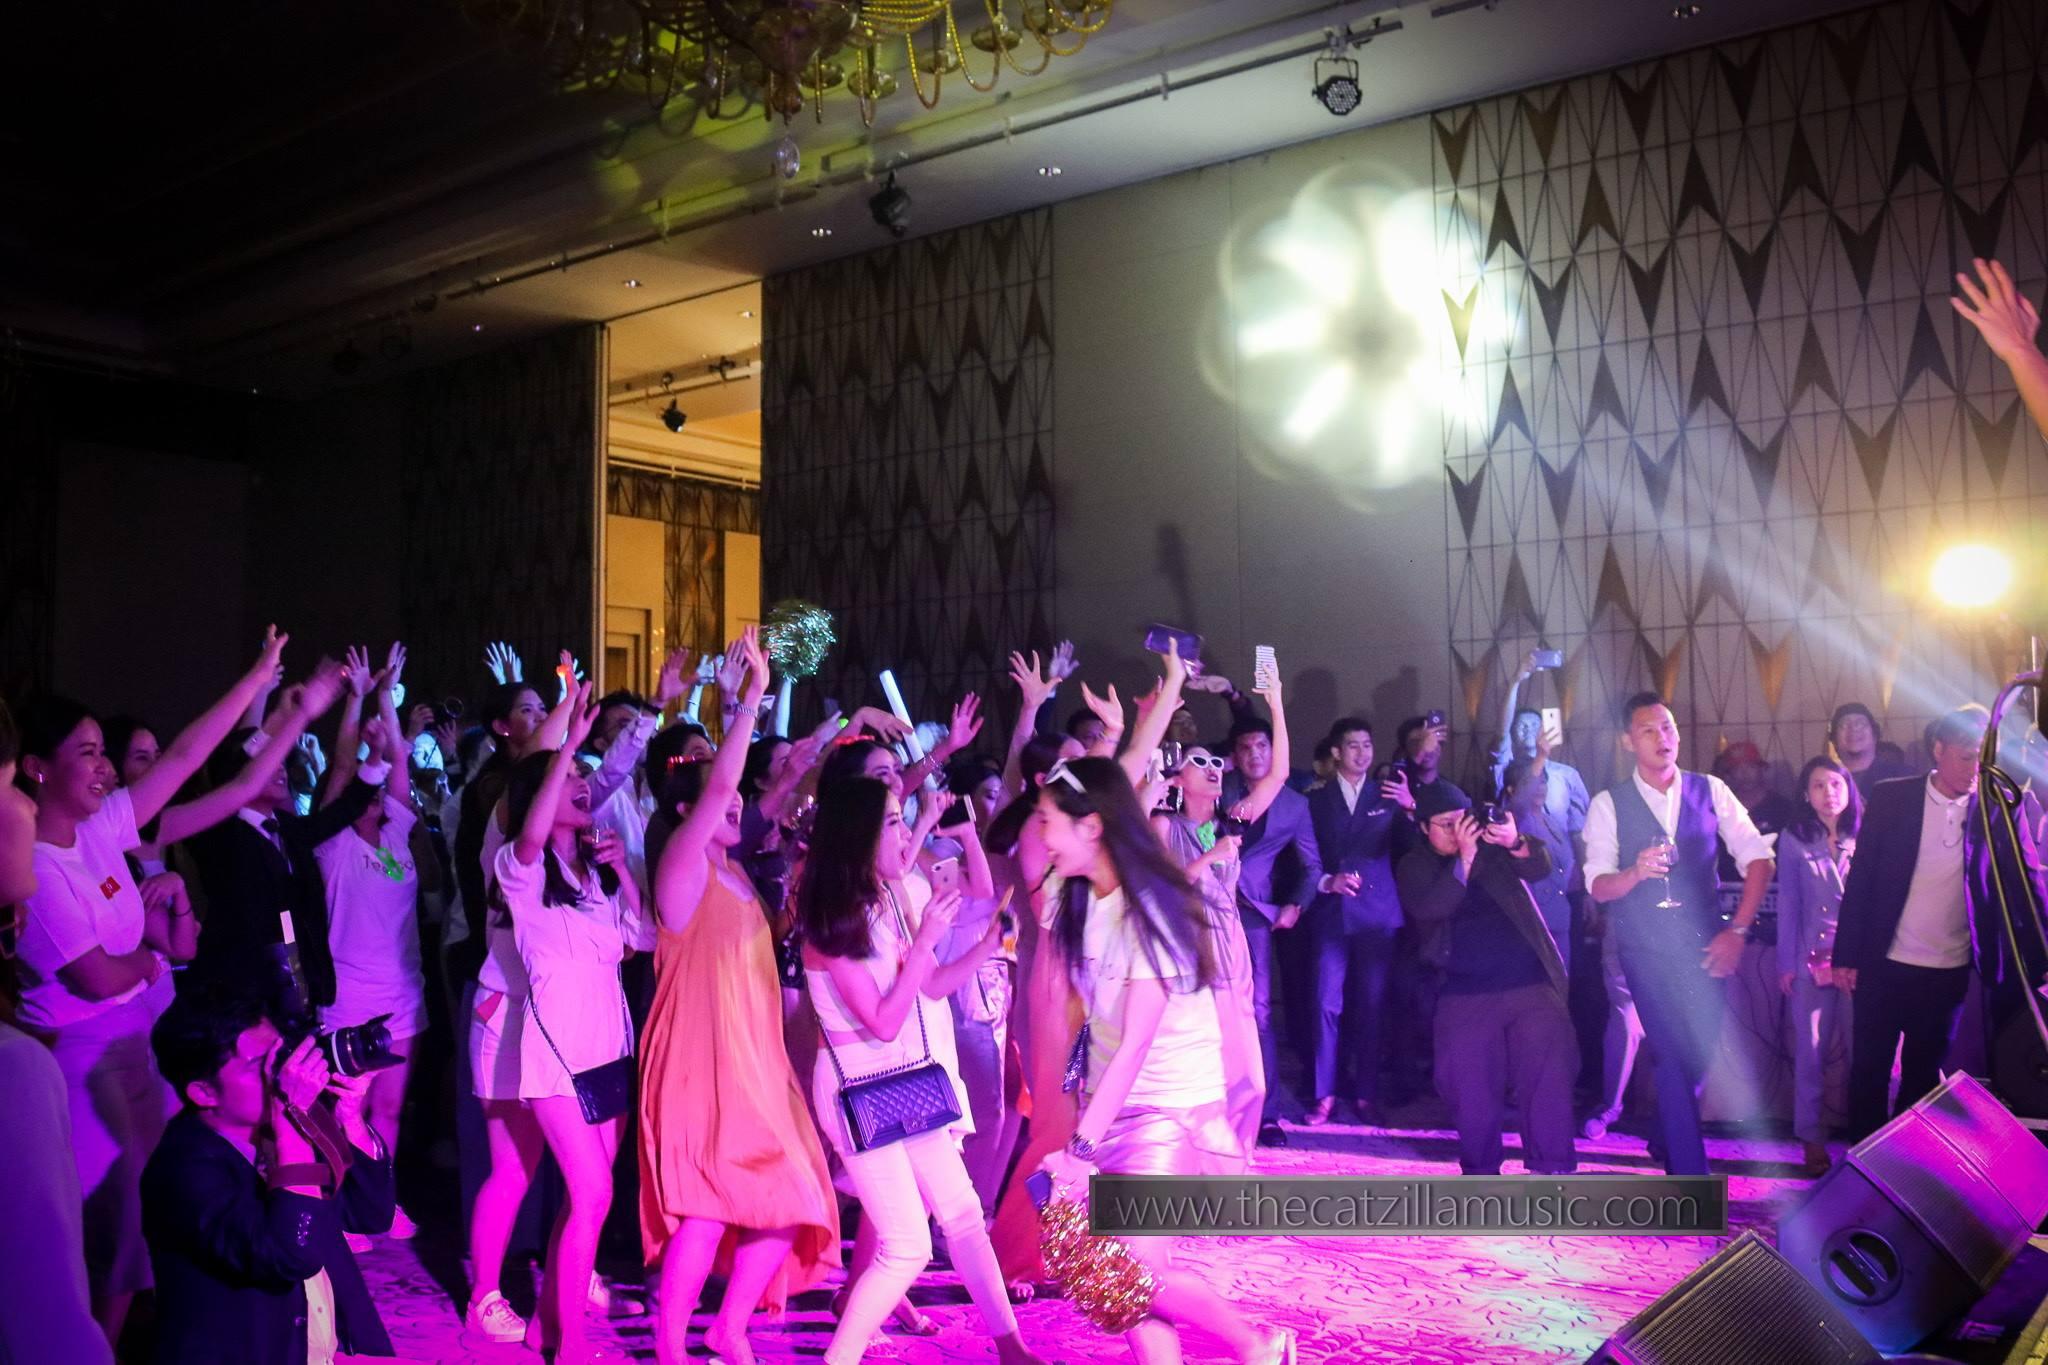 บุ๋นแบนด์-วงดนตรี งานเลี้ยง-วงดนตรี งานแต่งงาน-วงดนตรีเล่นสด-วงดนตรี After Party-วงดนตรีงานเลี้ยง ปีใหม่-วงดนตรีแสดงสด-หาวงดนตรี-แนะนำวงดนตรีงานแต่ง-วงดนตรีงานแต่ง มันๆ-After Party งานแต่ง-ติดต่อวงดนตรี-วงดนตรีเล่นสด-จ้างวงดนตรีงานแต่ง-Catzilla